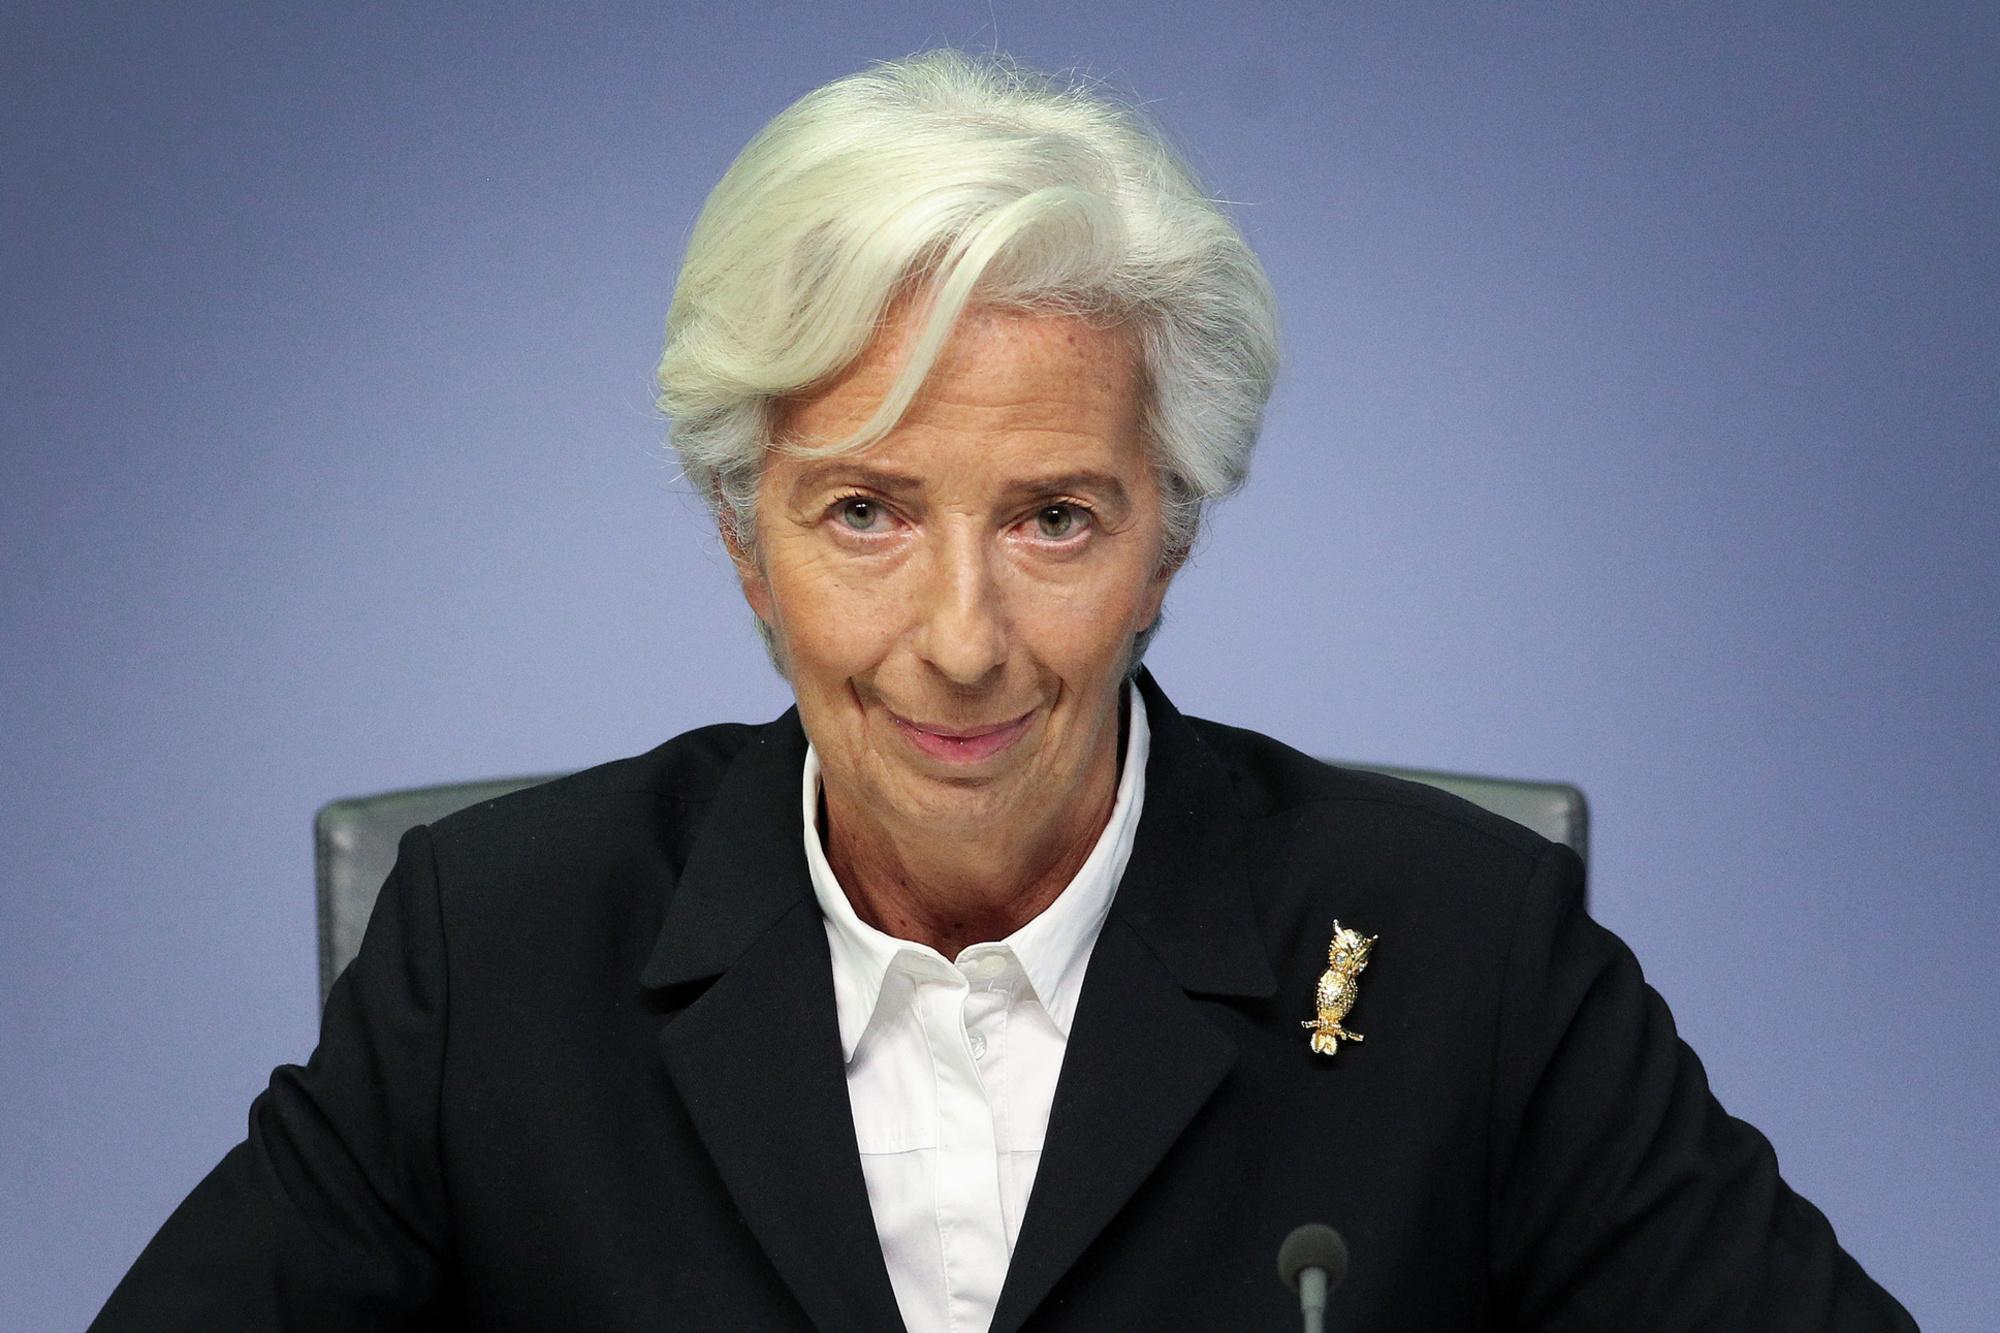 La présidente de la Banque centrale européenne (BCE), Christine Lagarde., BELGAIMAGE